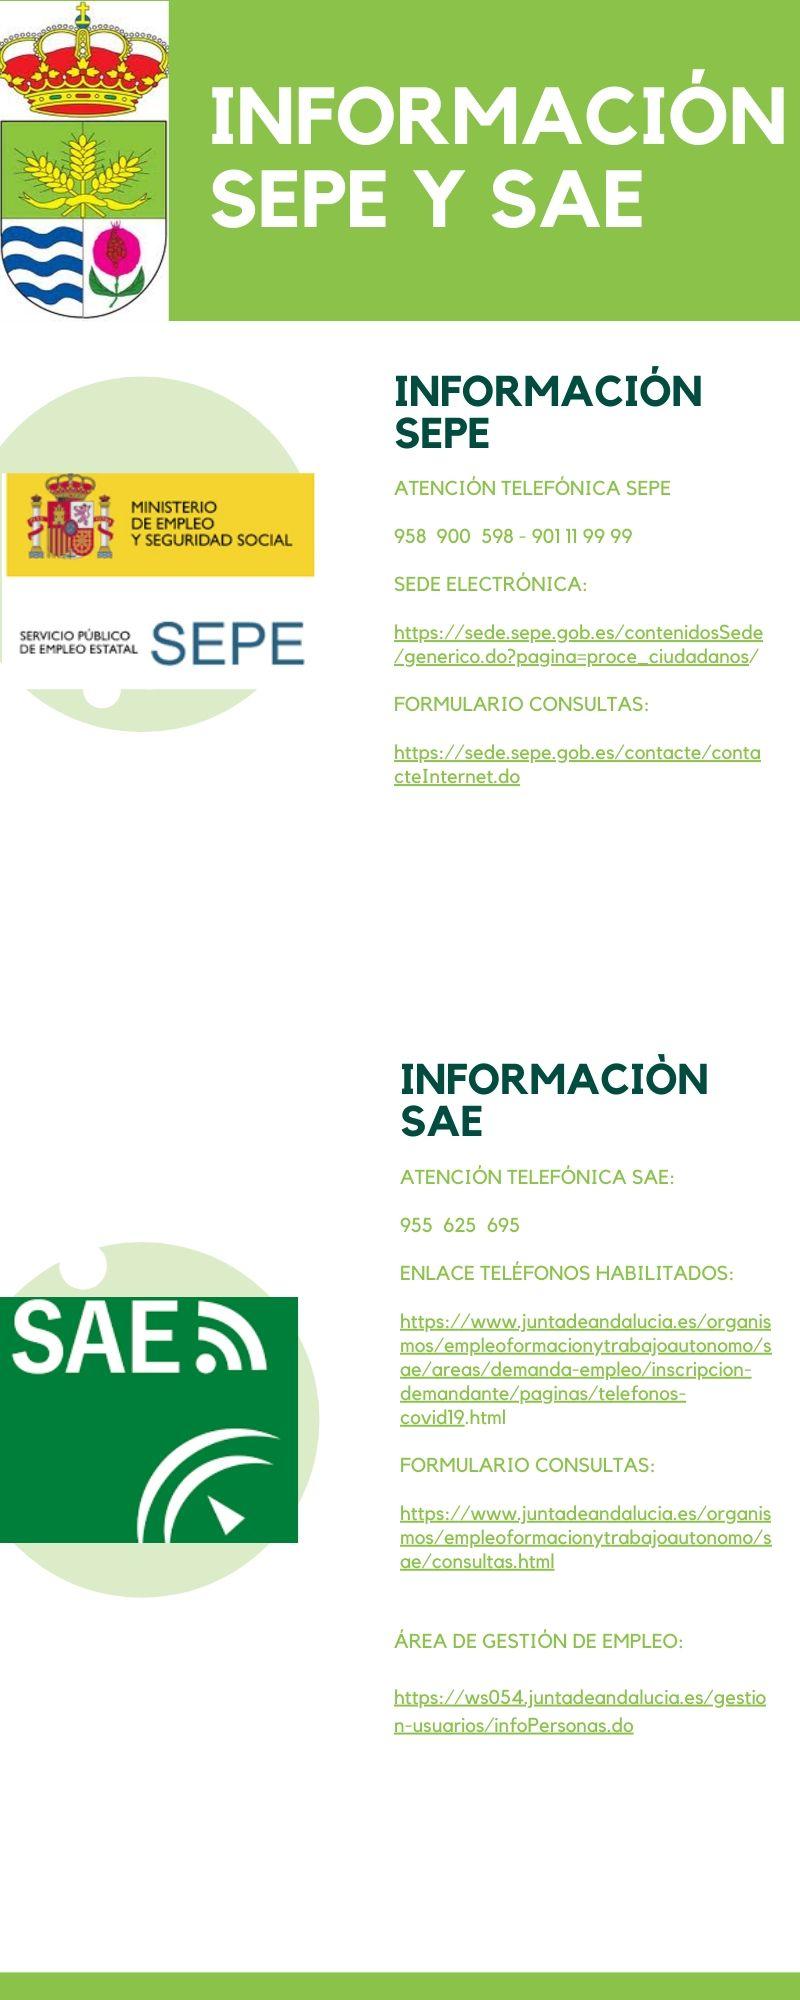 Información sobre Servicio Público de Empleo Estatal y Servicio Andaluz de Empleo